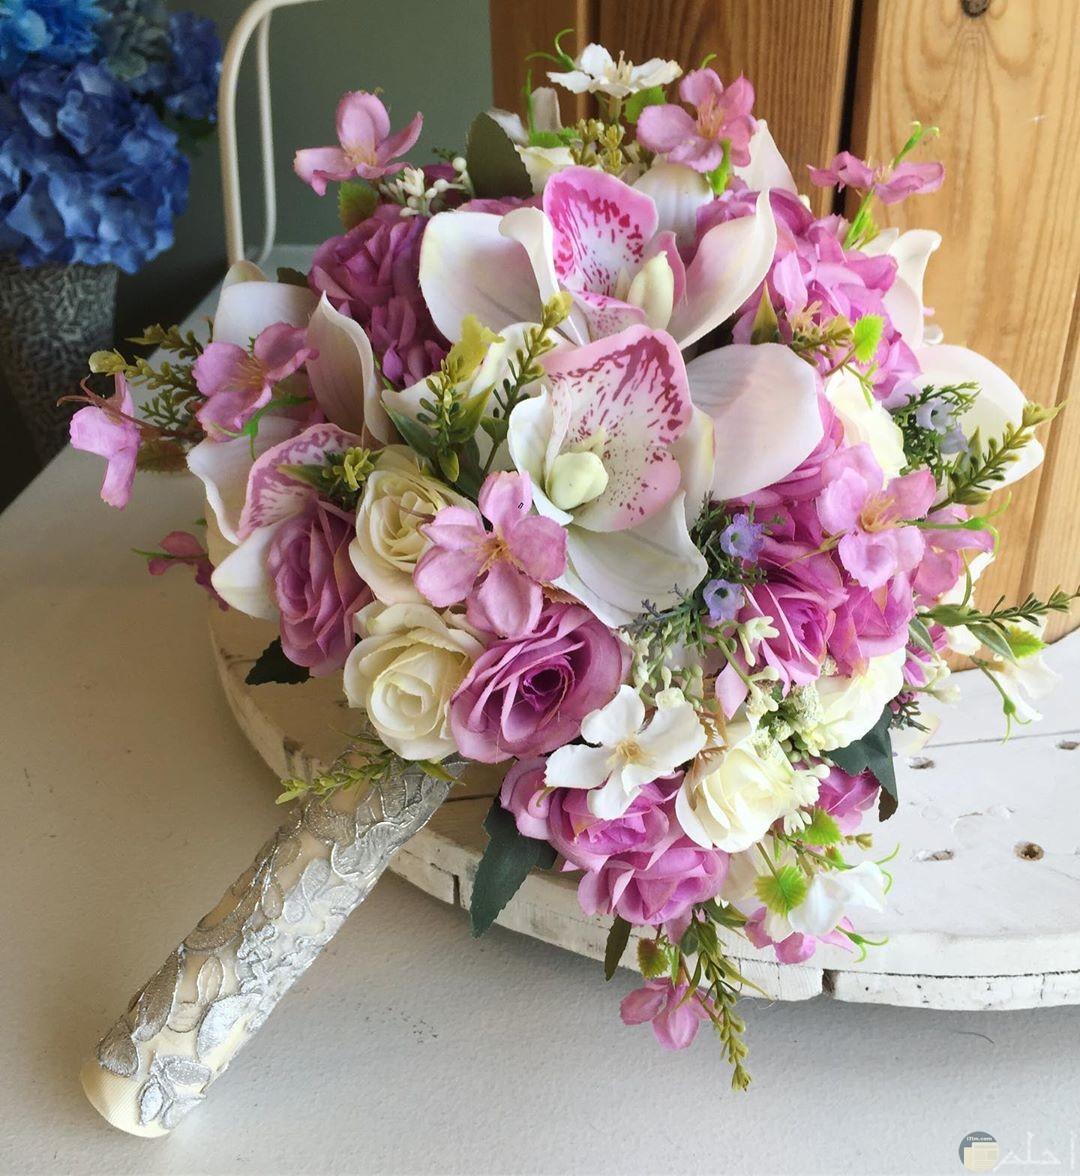 بوكيه من الورد الأبيض و البنفسجى.